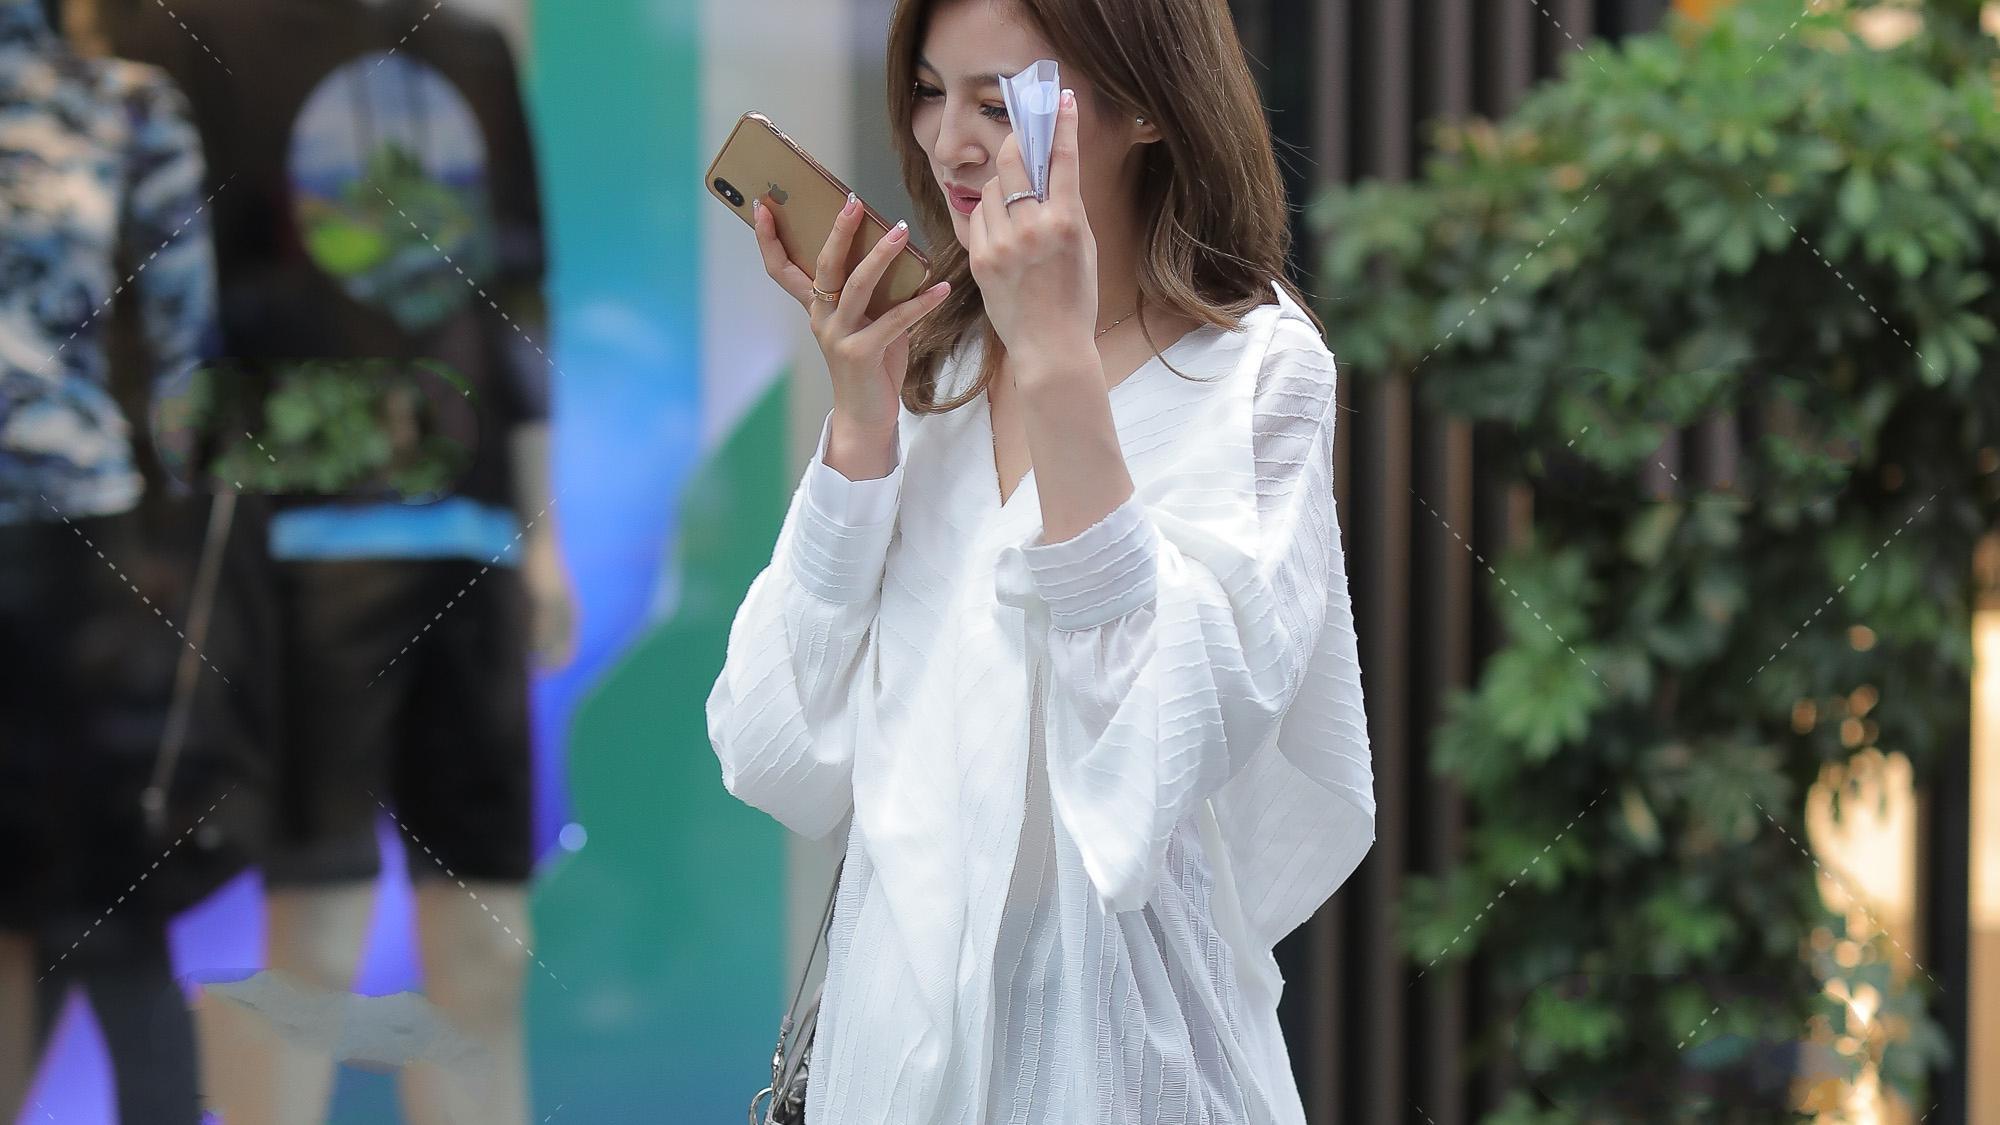 白色大V领长款宽松长袖长衫,搭配银色包款,清纯中带一点性感